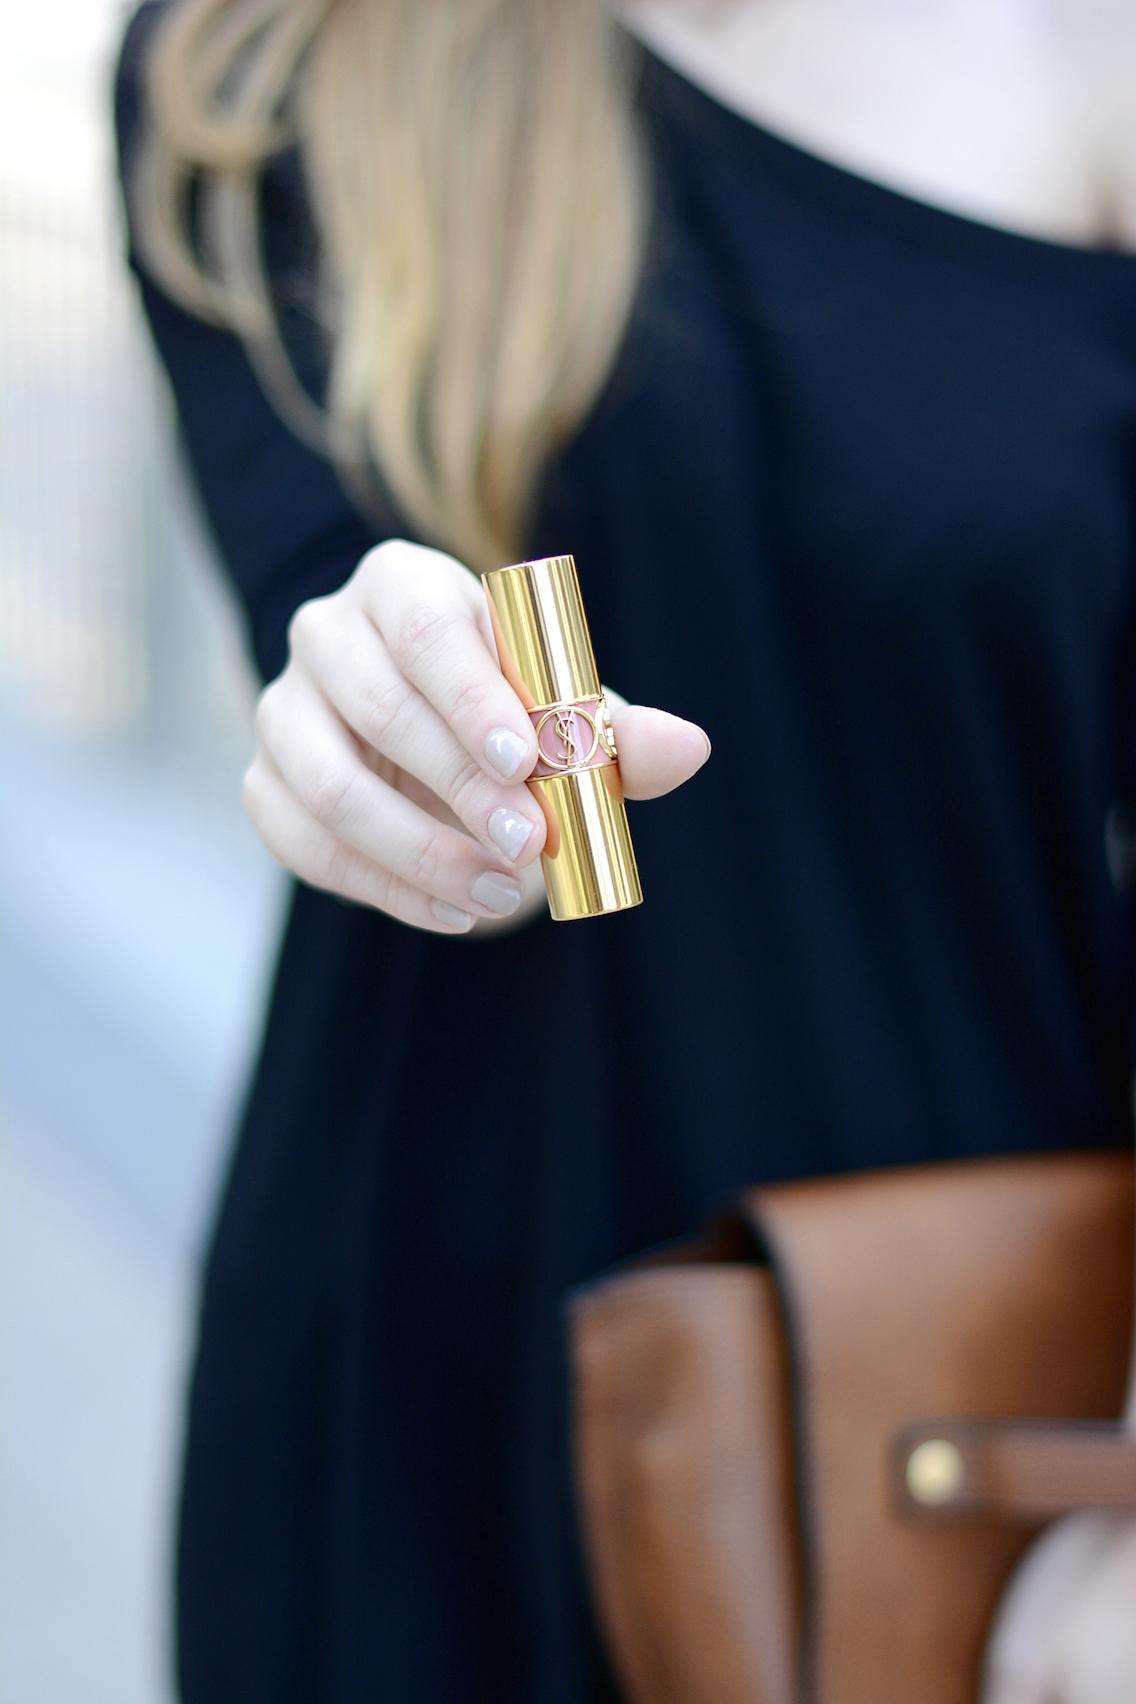 Zara J Brand Express YSL Rouge Volupte Nude Beige 3